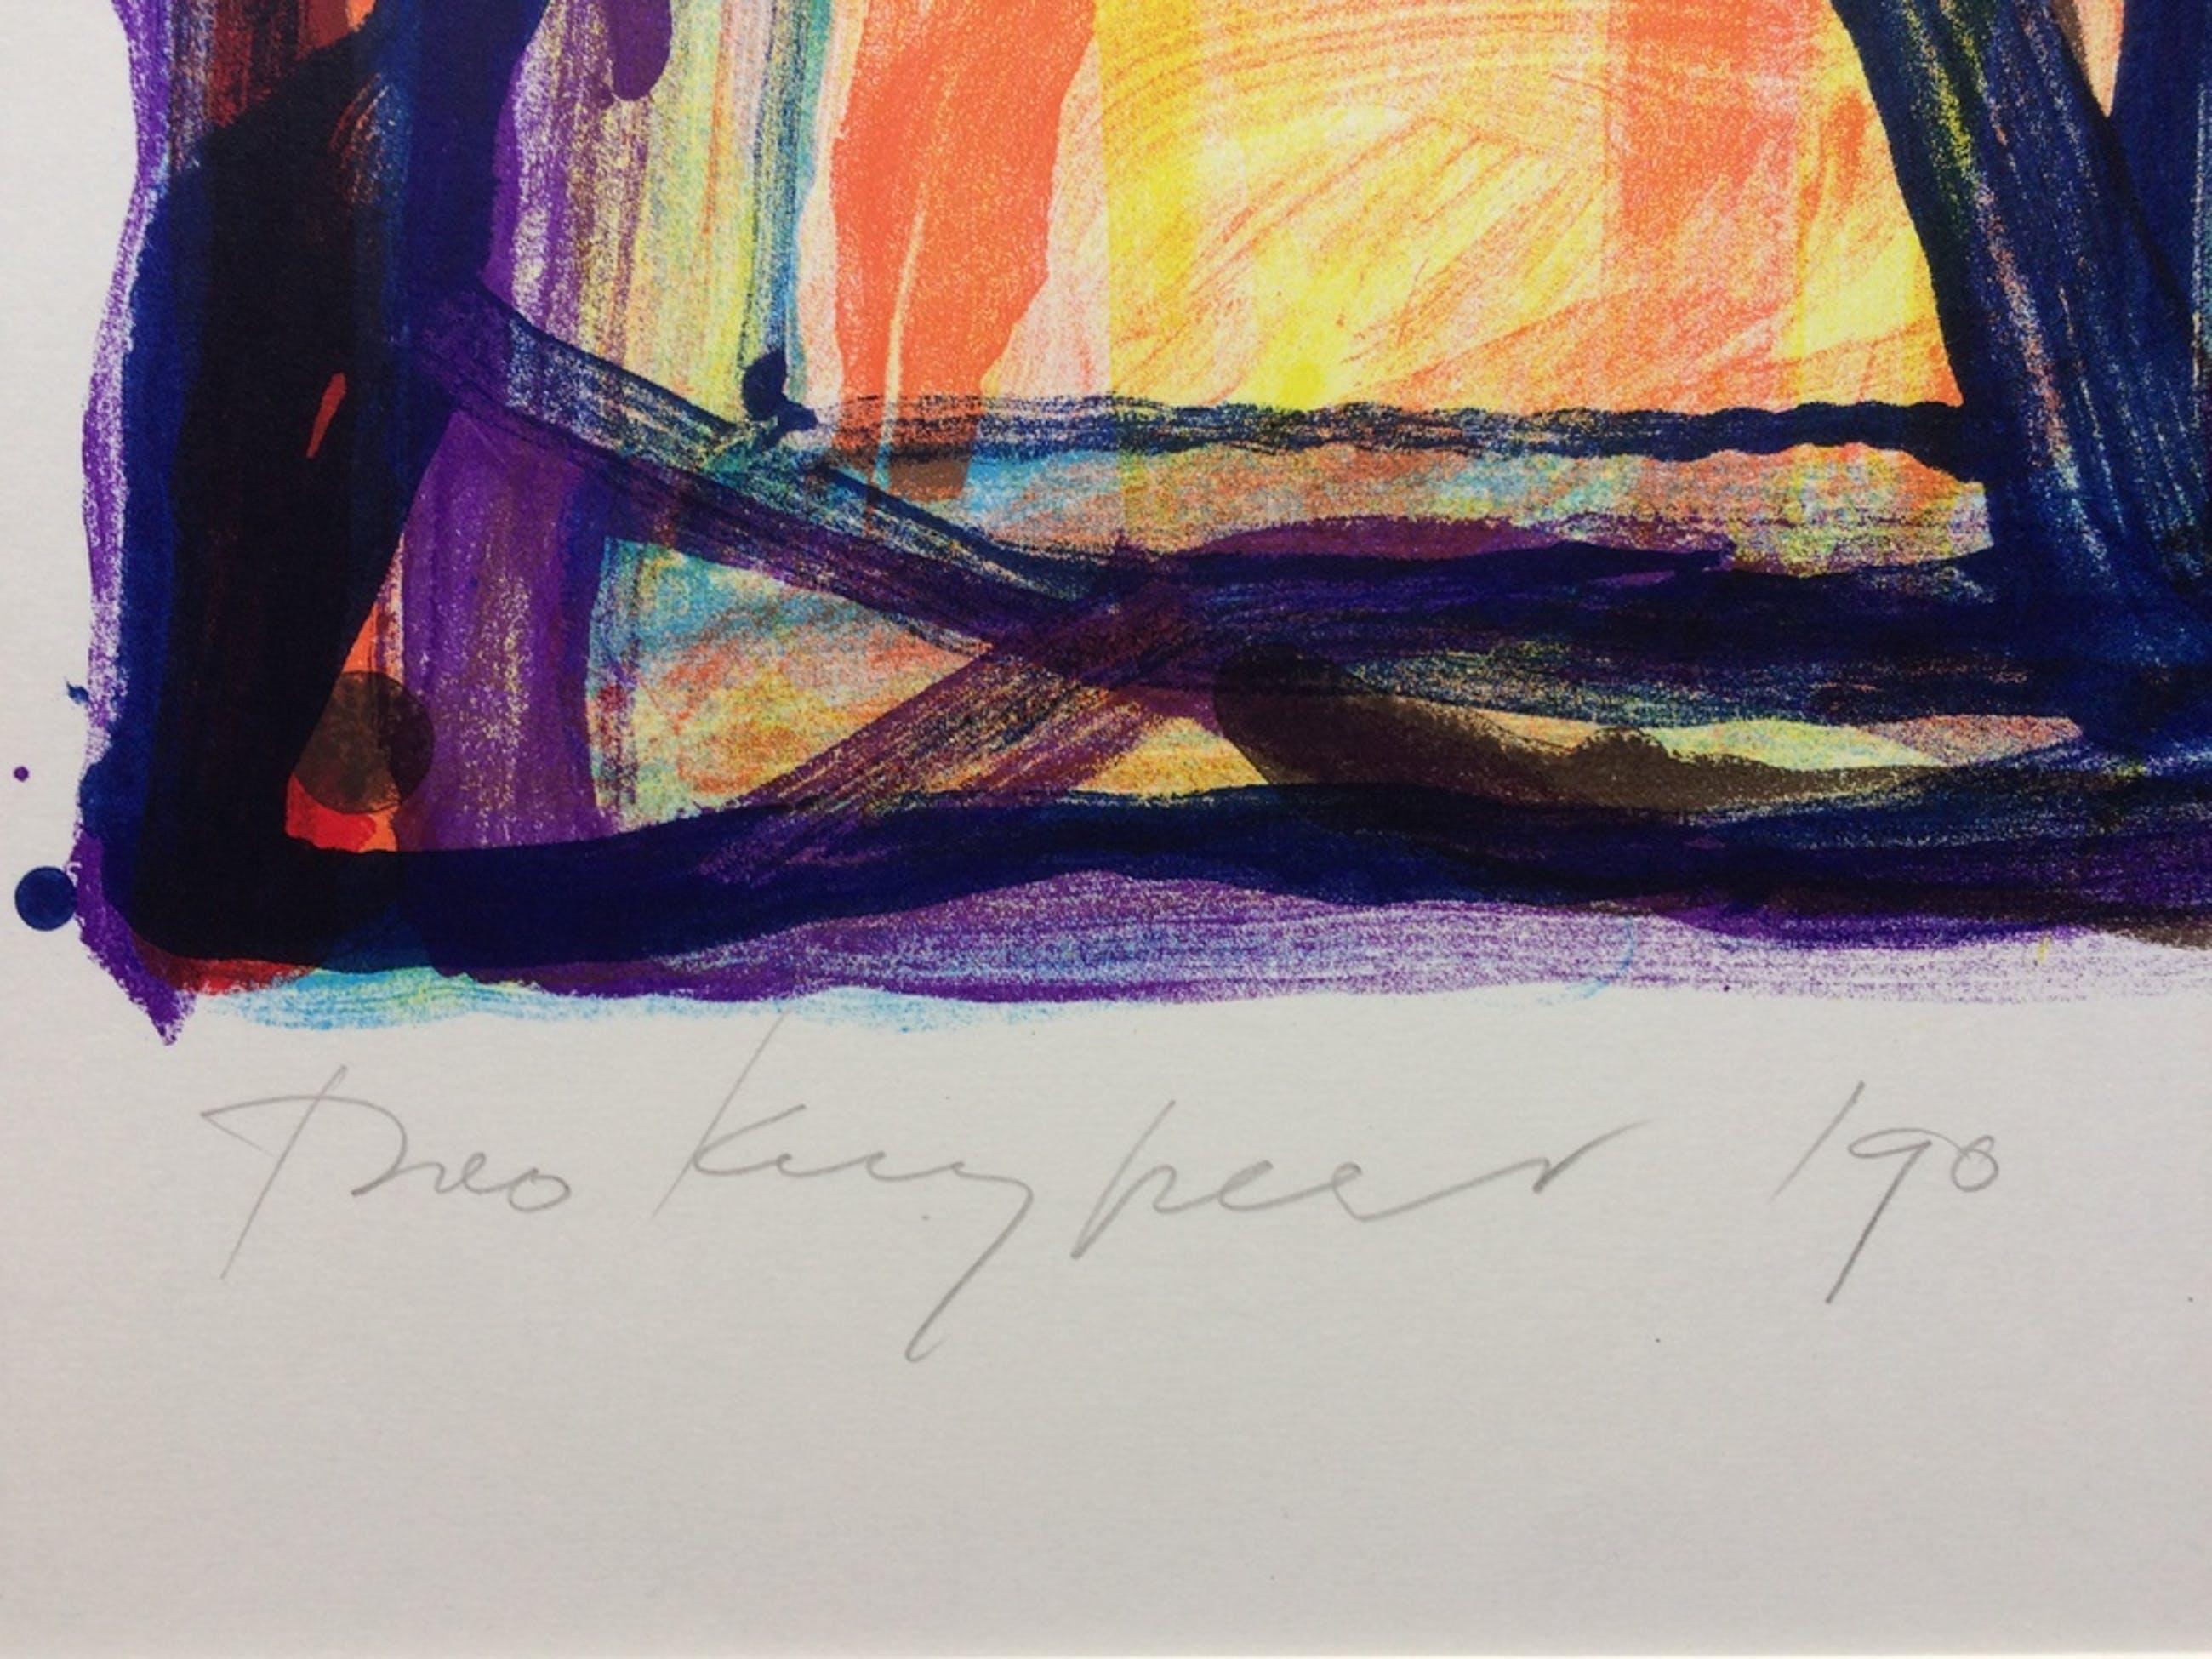 Theo Kuijpers, zeer kleurrijke lithografie, gesigneerd en '90 en 'proefdruk'. kopen? Bied vanaf 75!